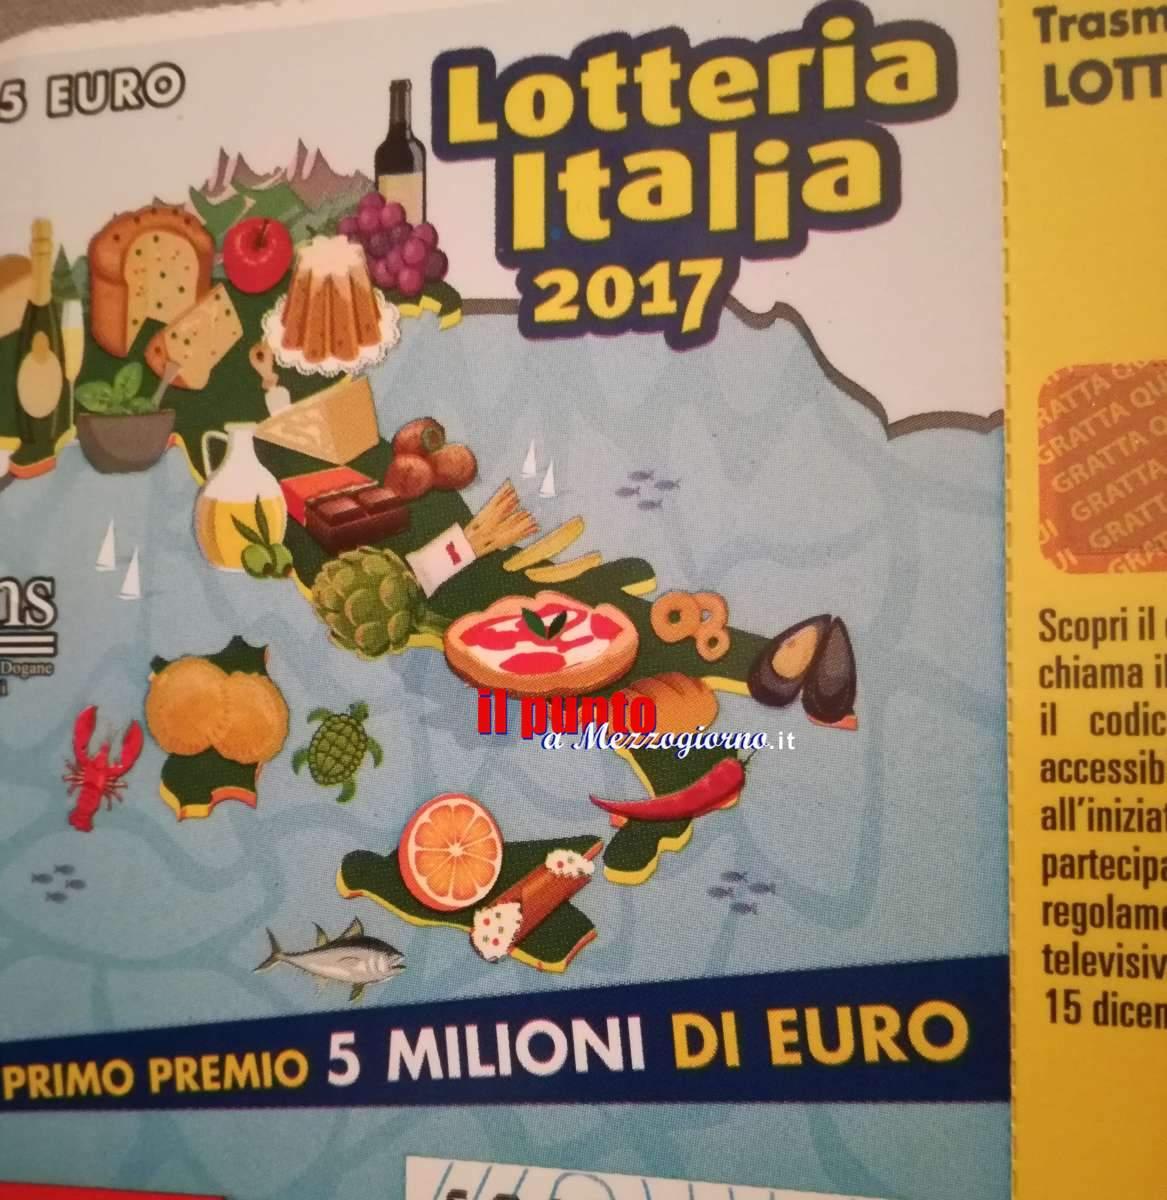 Lotteria Italia, venduto ad Anagni il biglietto da 5 milioni di euro